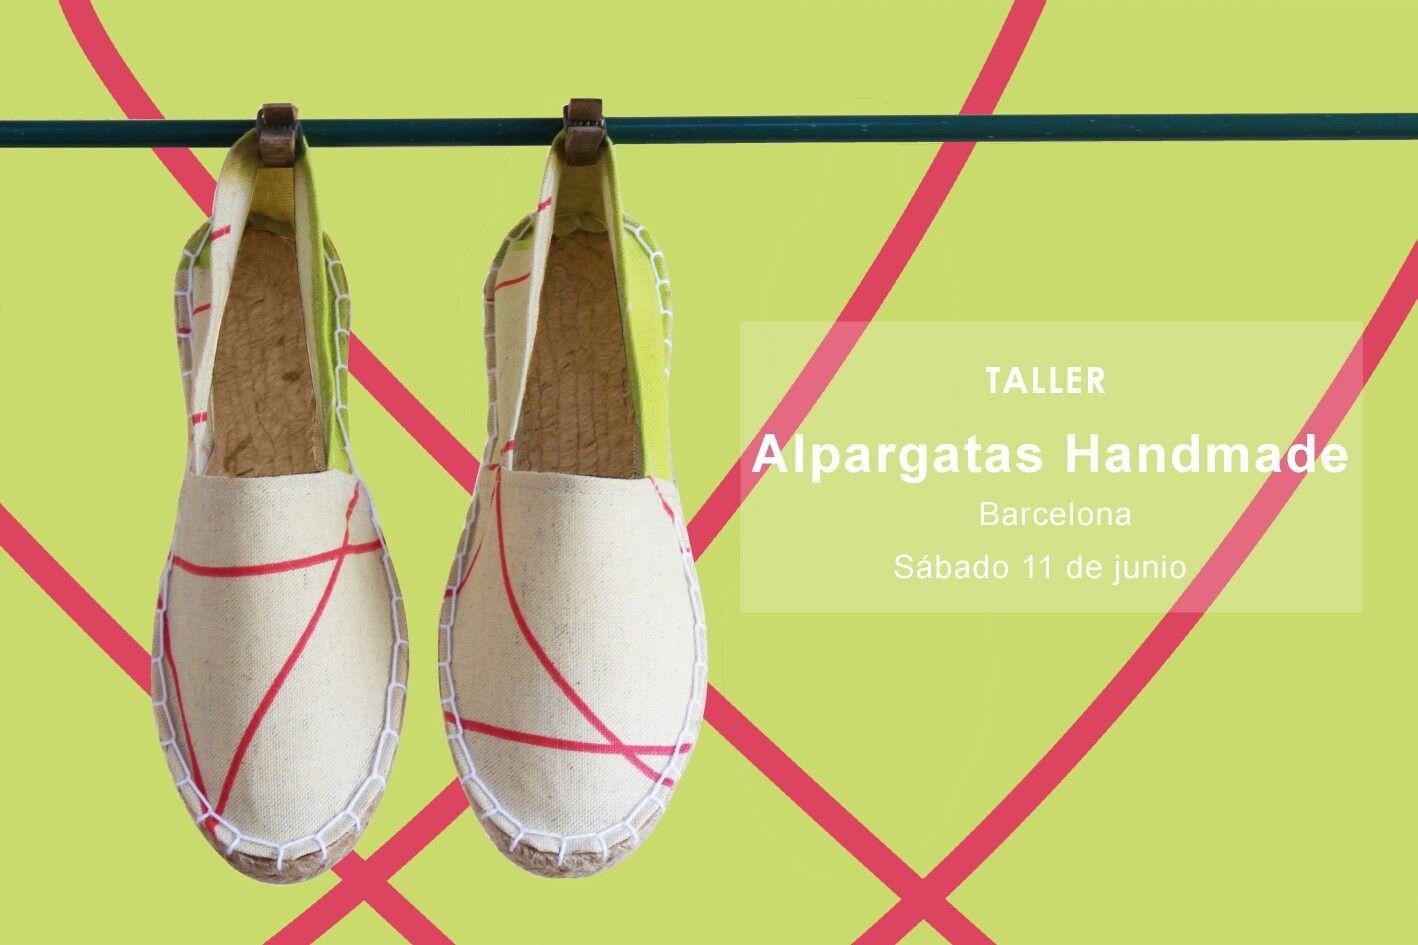 Este sábado impartiremos nuestro taller de alpargatas handmade en @costuretas, todos los materiales incluidos. Si quieres aprender a hacerlas de un modo sencillo y llevártelas puestas, no lo dudes, reserva tu plaza ya (link en la bio), te esperamos!   #shoes #espadrilles #alpargatas #workshop #taller #curso #barcelona #hechoamano #espardenyes